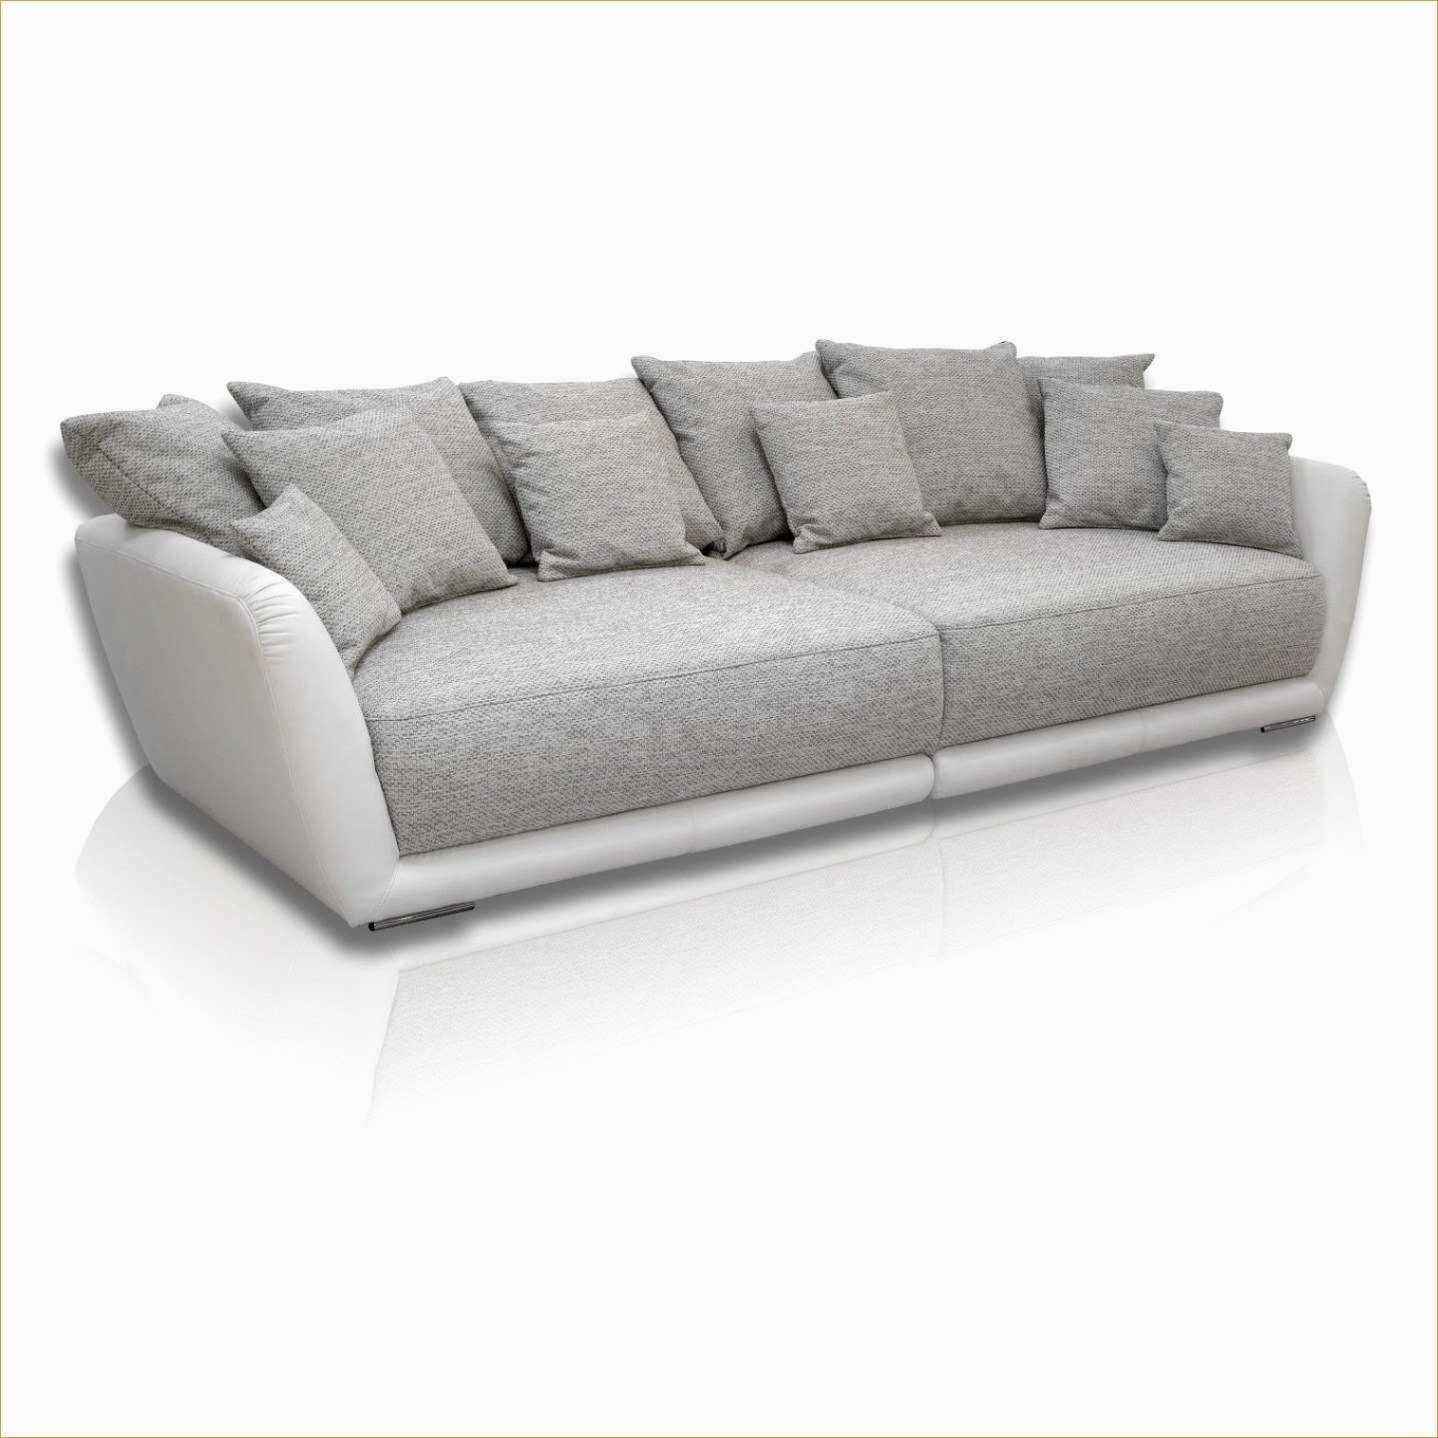 Full Size of Relaxsofa Elektrisch Zweisitzer Sofa Mit Relaxfunktion Einzigartig Elektrische Fußbodenheizung Bad Elektrischer Sitztiefenverstellung Wohnzimmer Relaxsofa Elektrisch